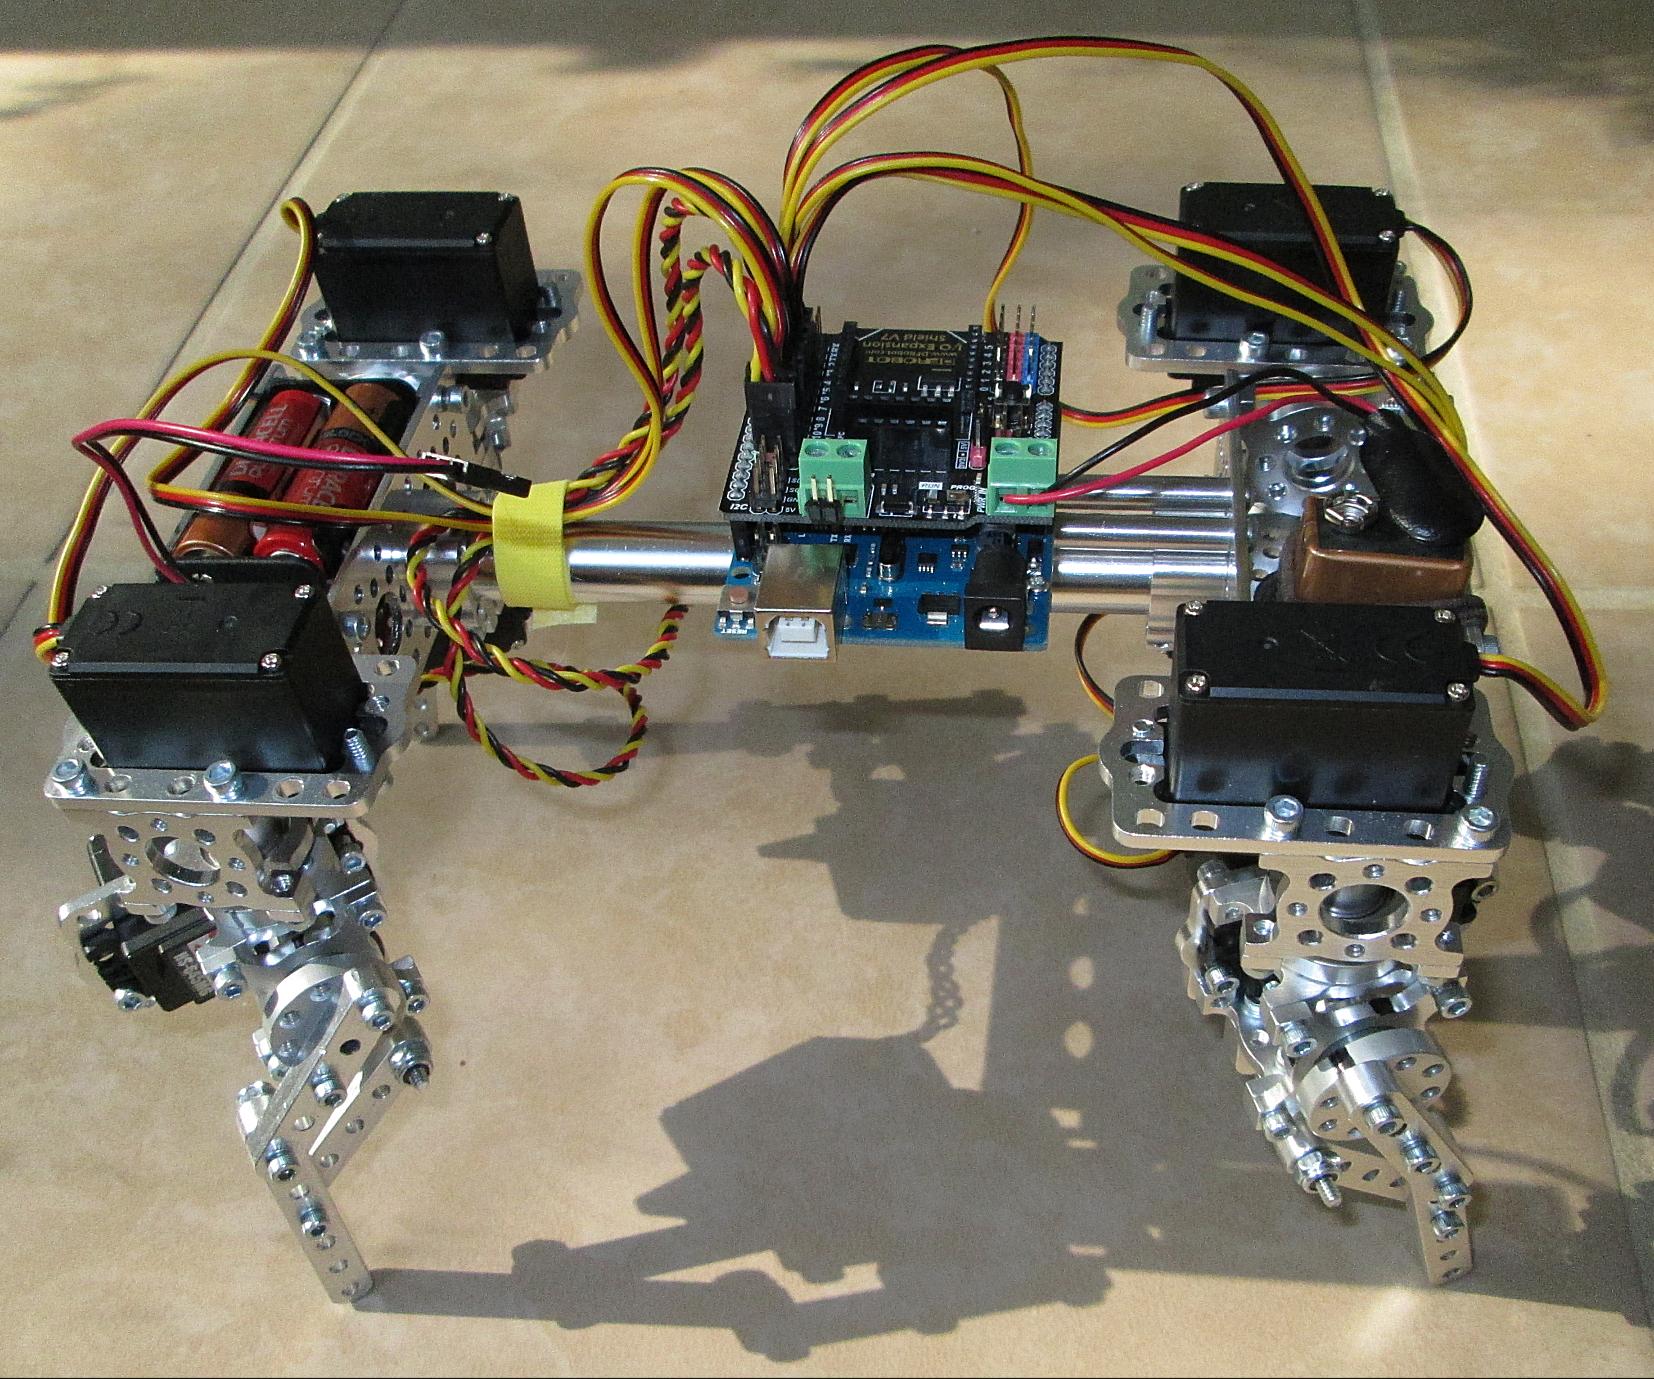 Build an Actobotics Quadruped Robot